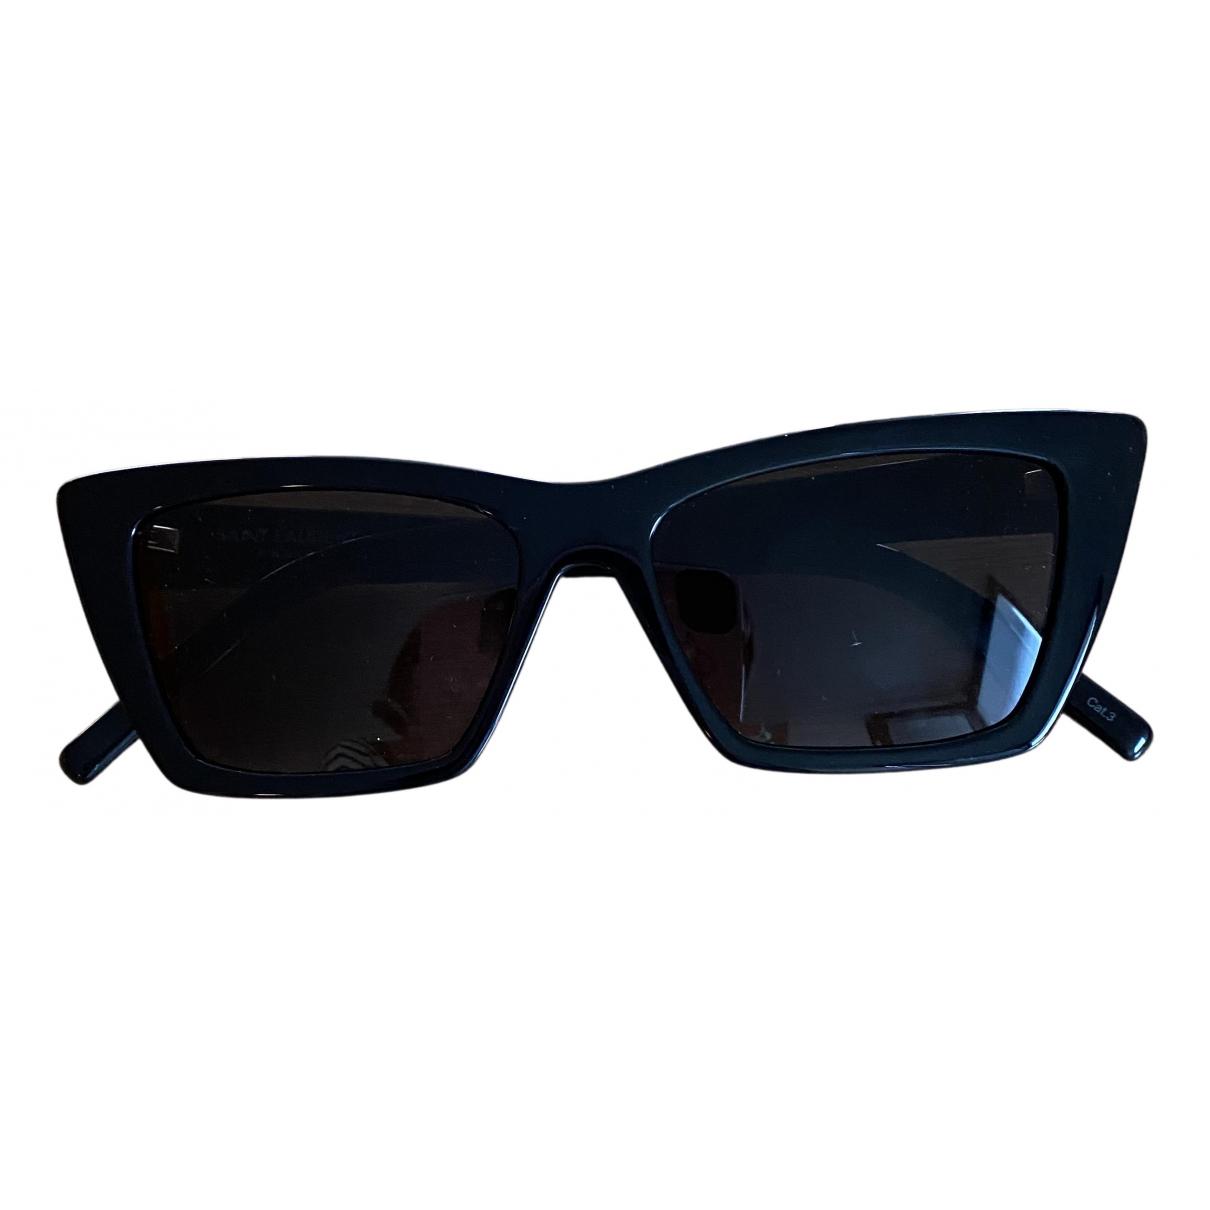 Gafas New Wave Saint Laurent